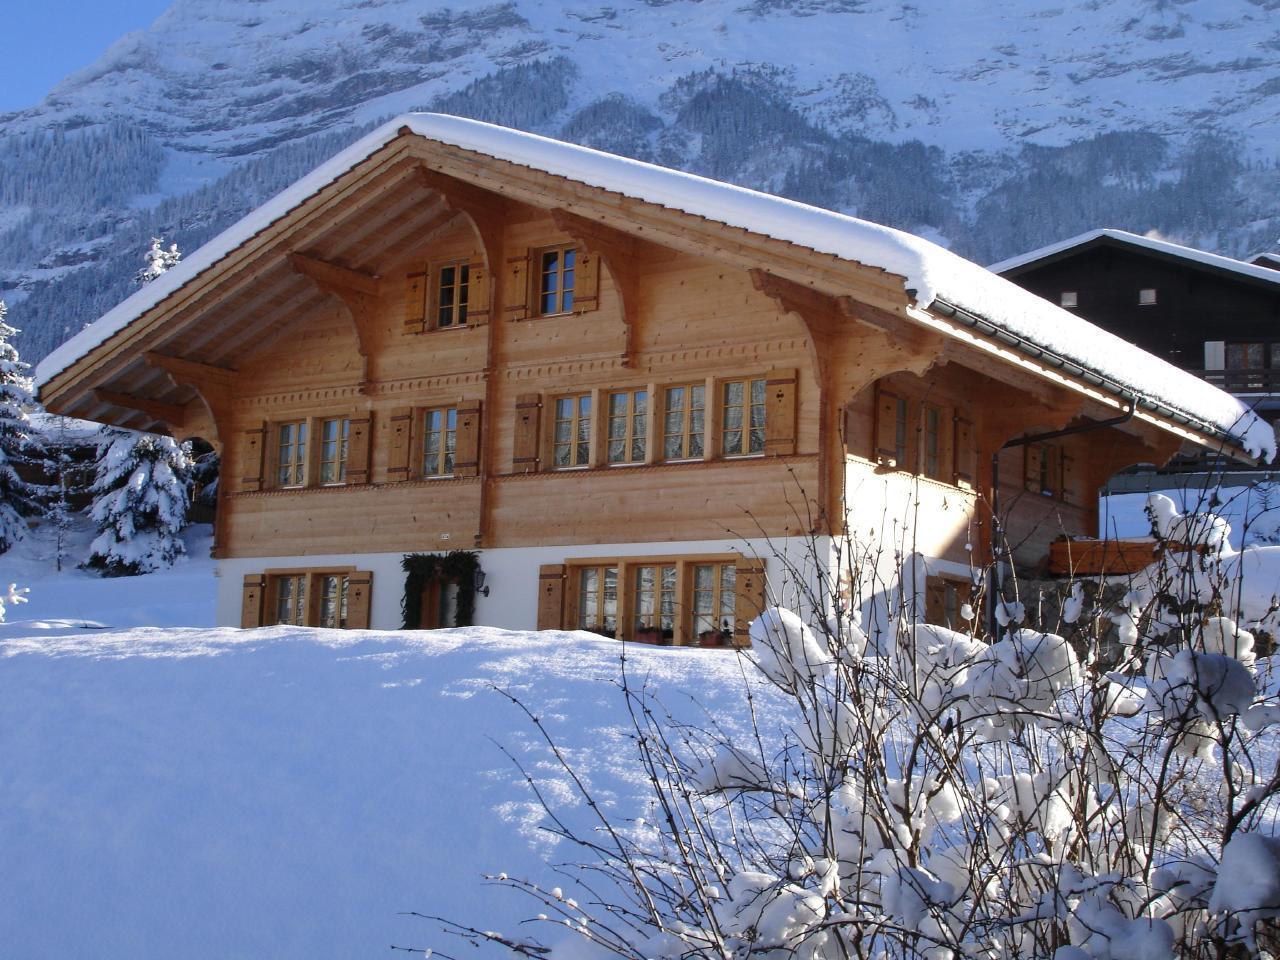 Appartement de vacances Asterix 2 Bett Wohnung (2691730), Grindelwald, Région de la Jungfrau, Oberland bernois, Suisse, image 2